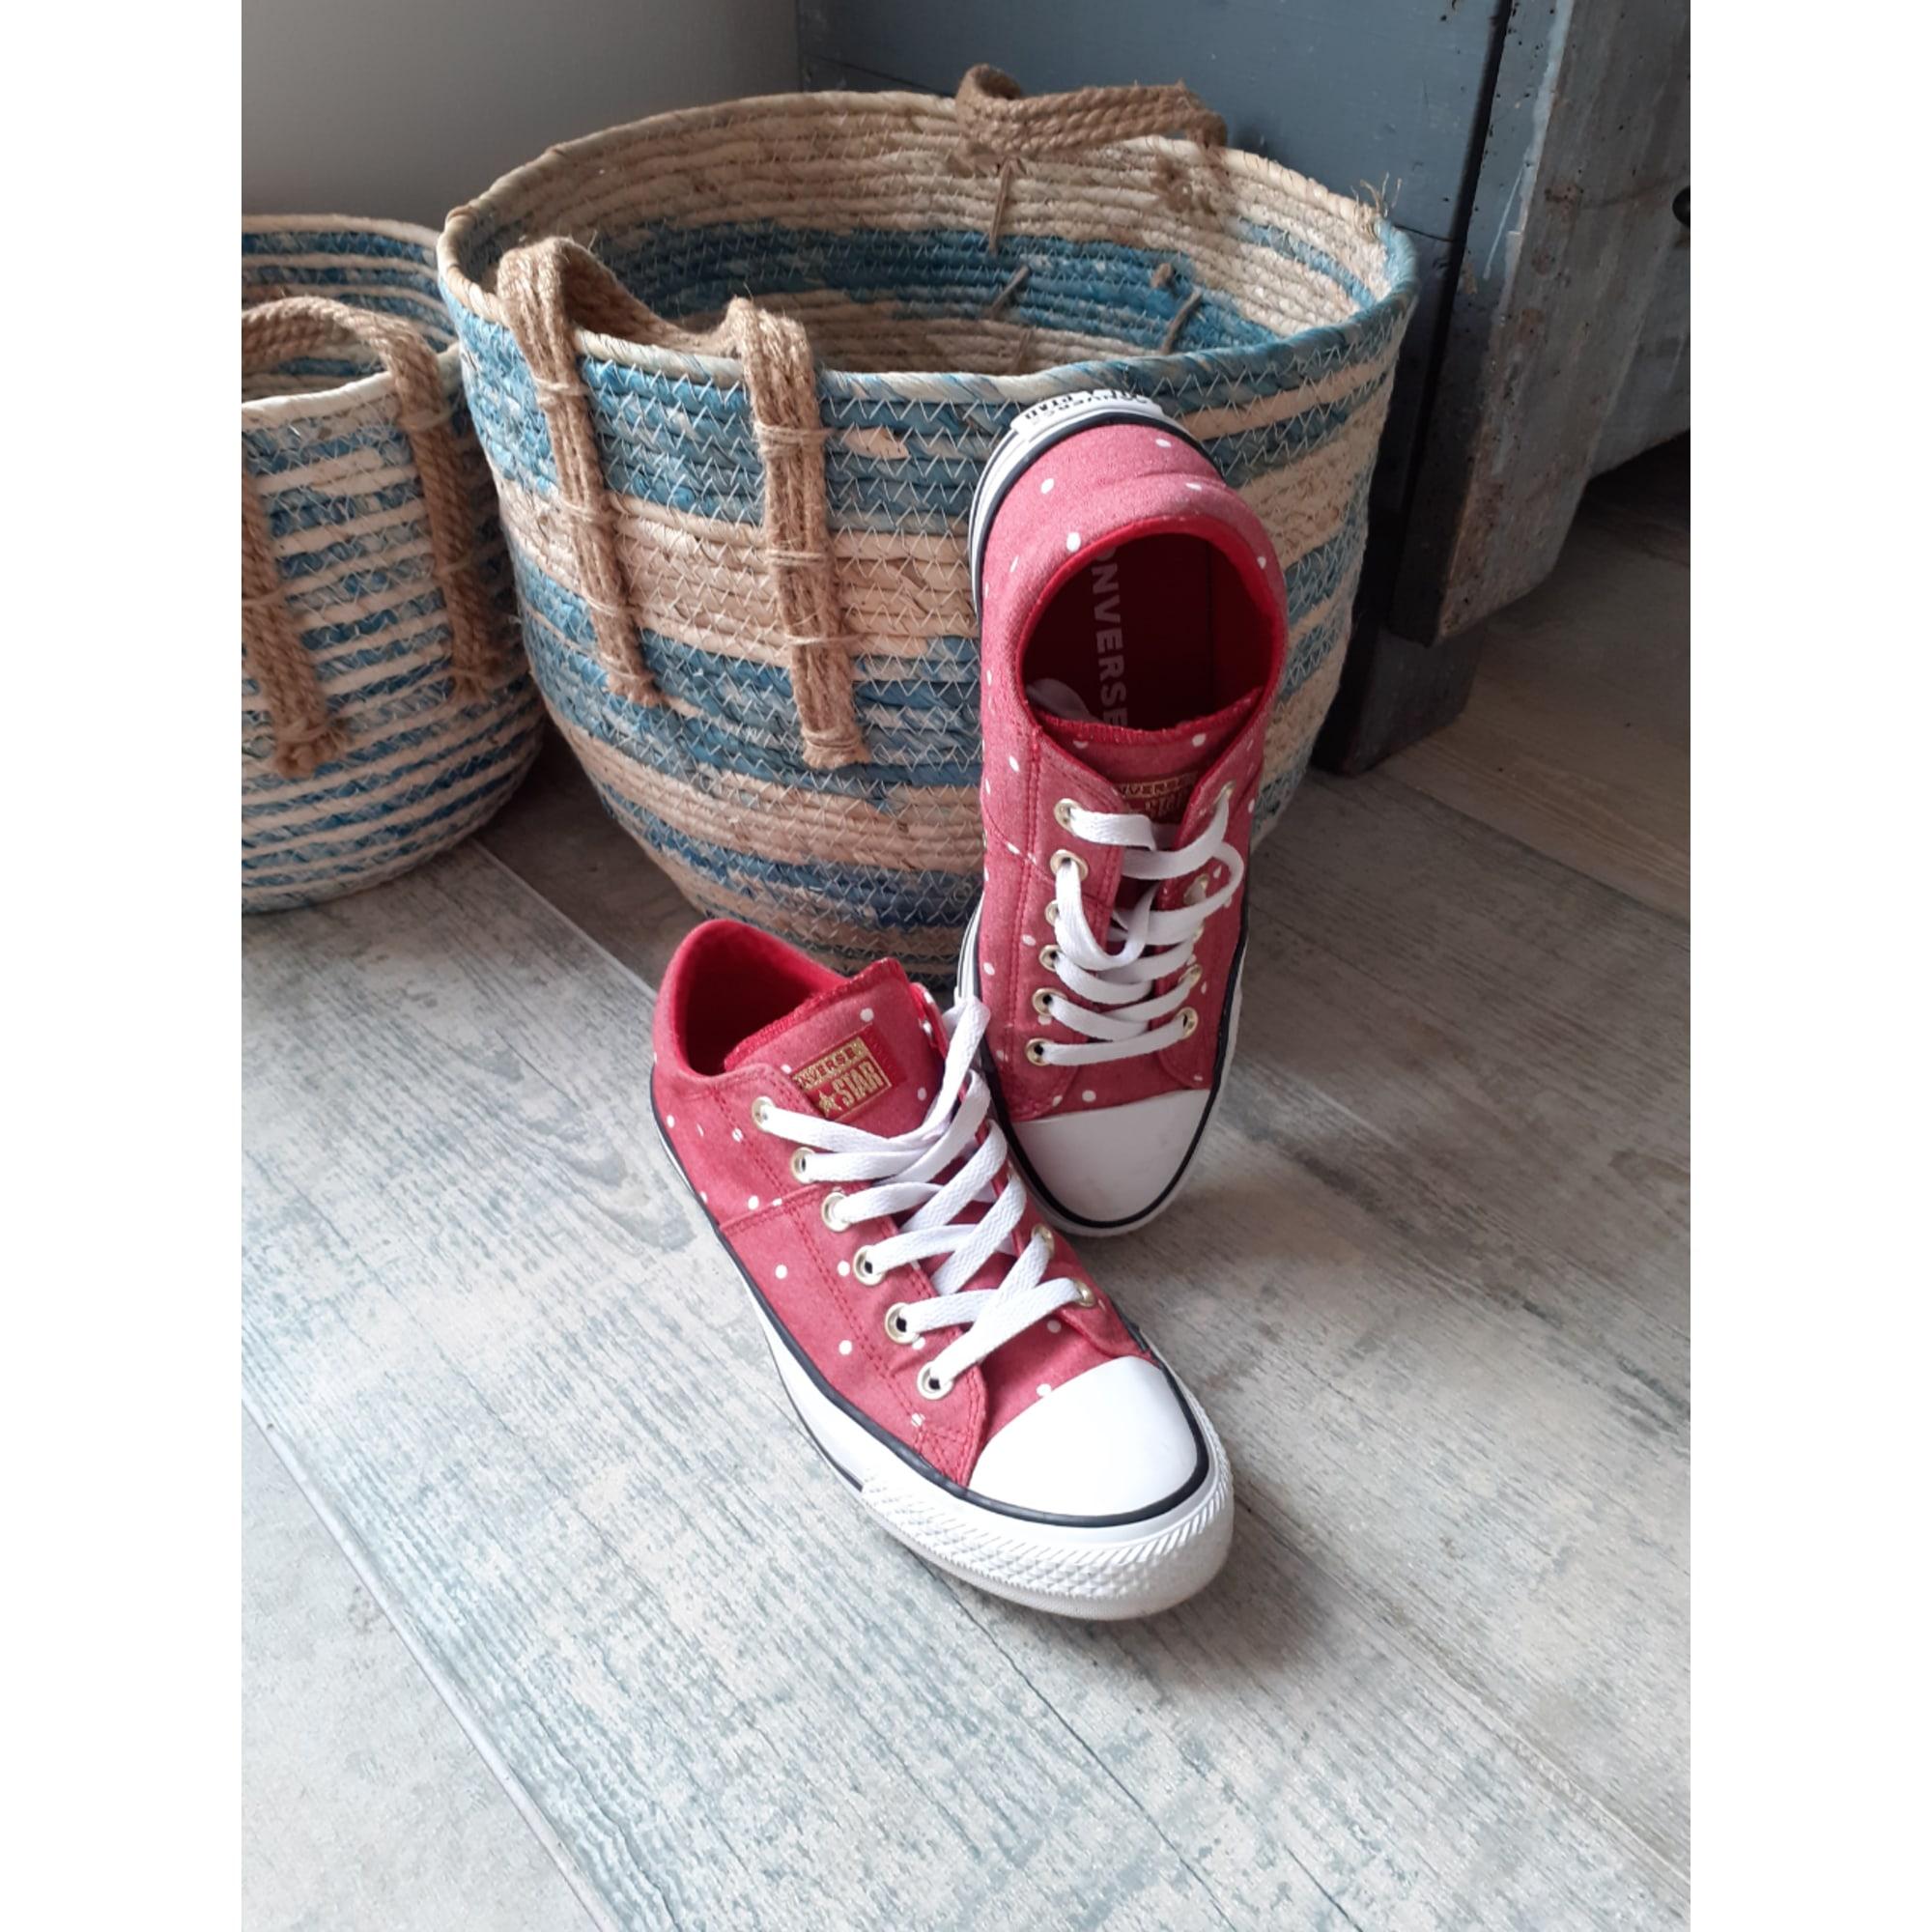 Baskets CONVERSE Rouge, bordeaux